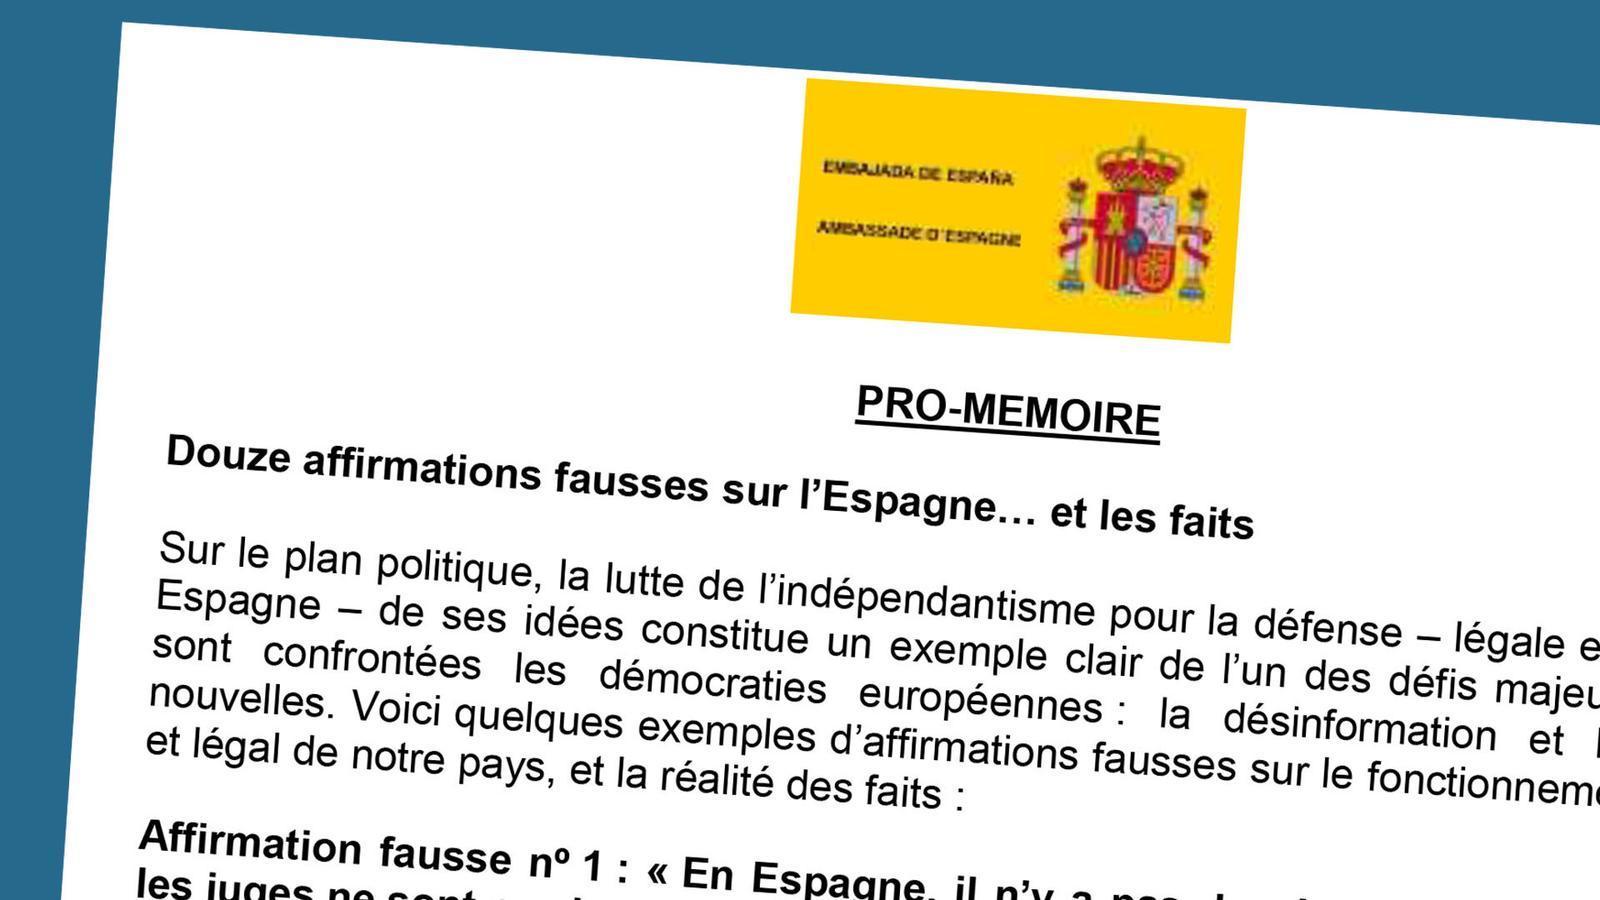 L'anàlisi d'Antoni Bassas: 'Les mitges mentides de la diplomàcia de Borrell'